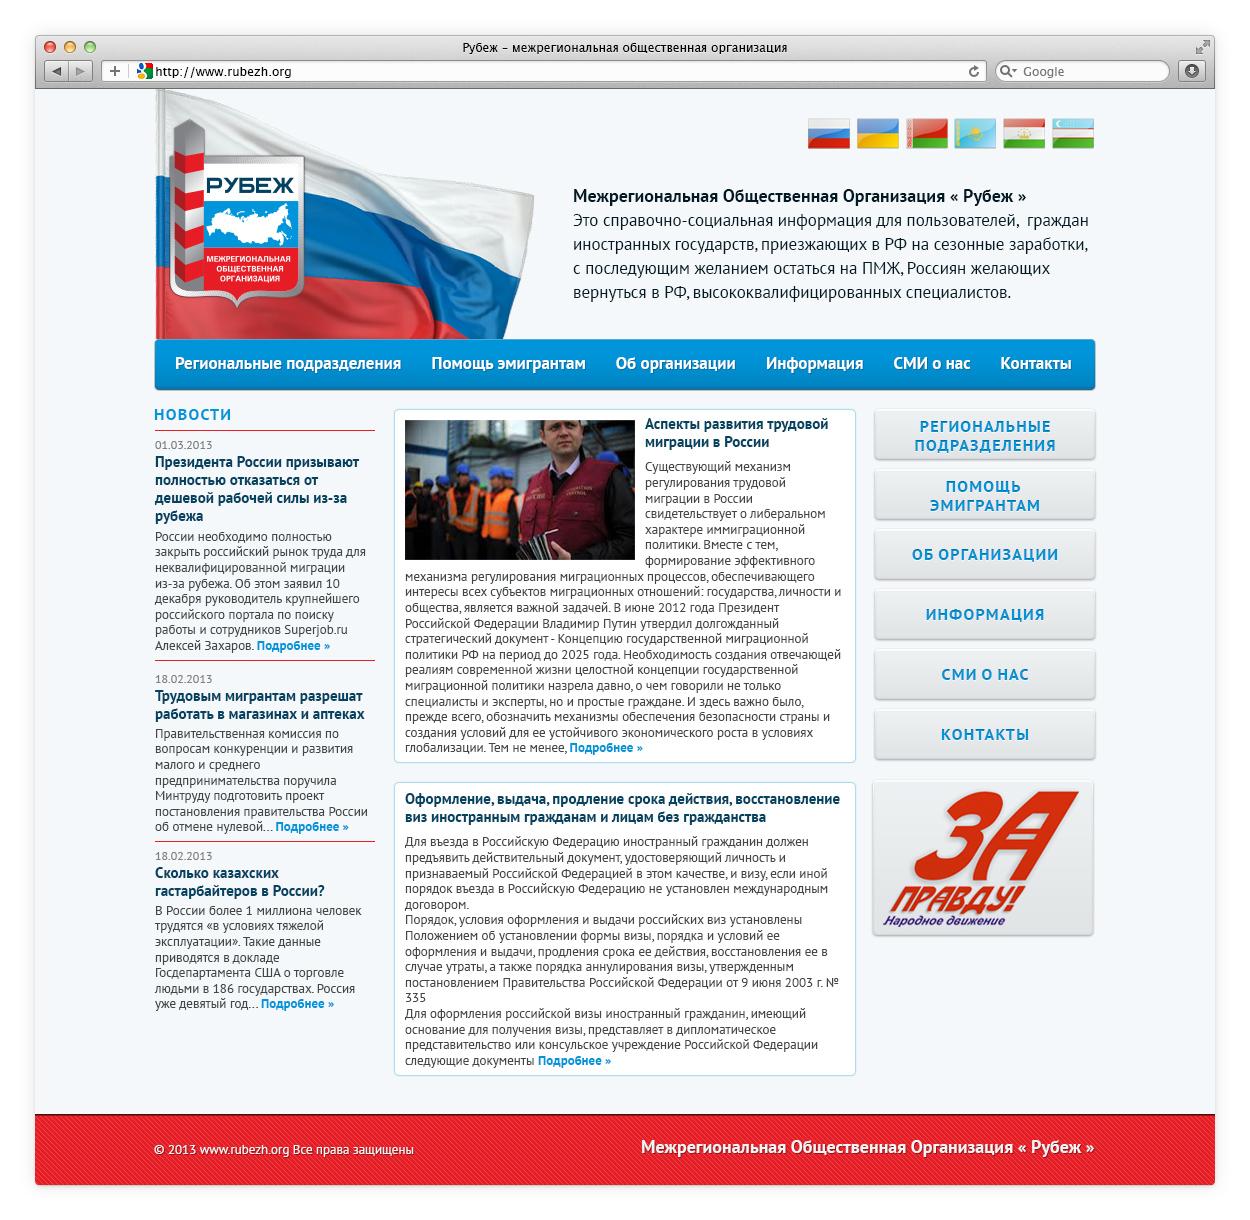 Разработка дизайна сайта общественной организации фото f_2075139f4f53b721.jpg